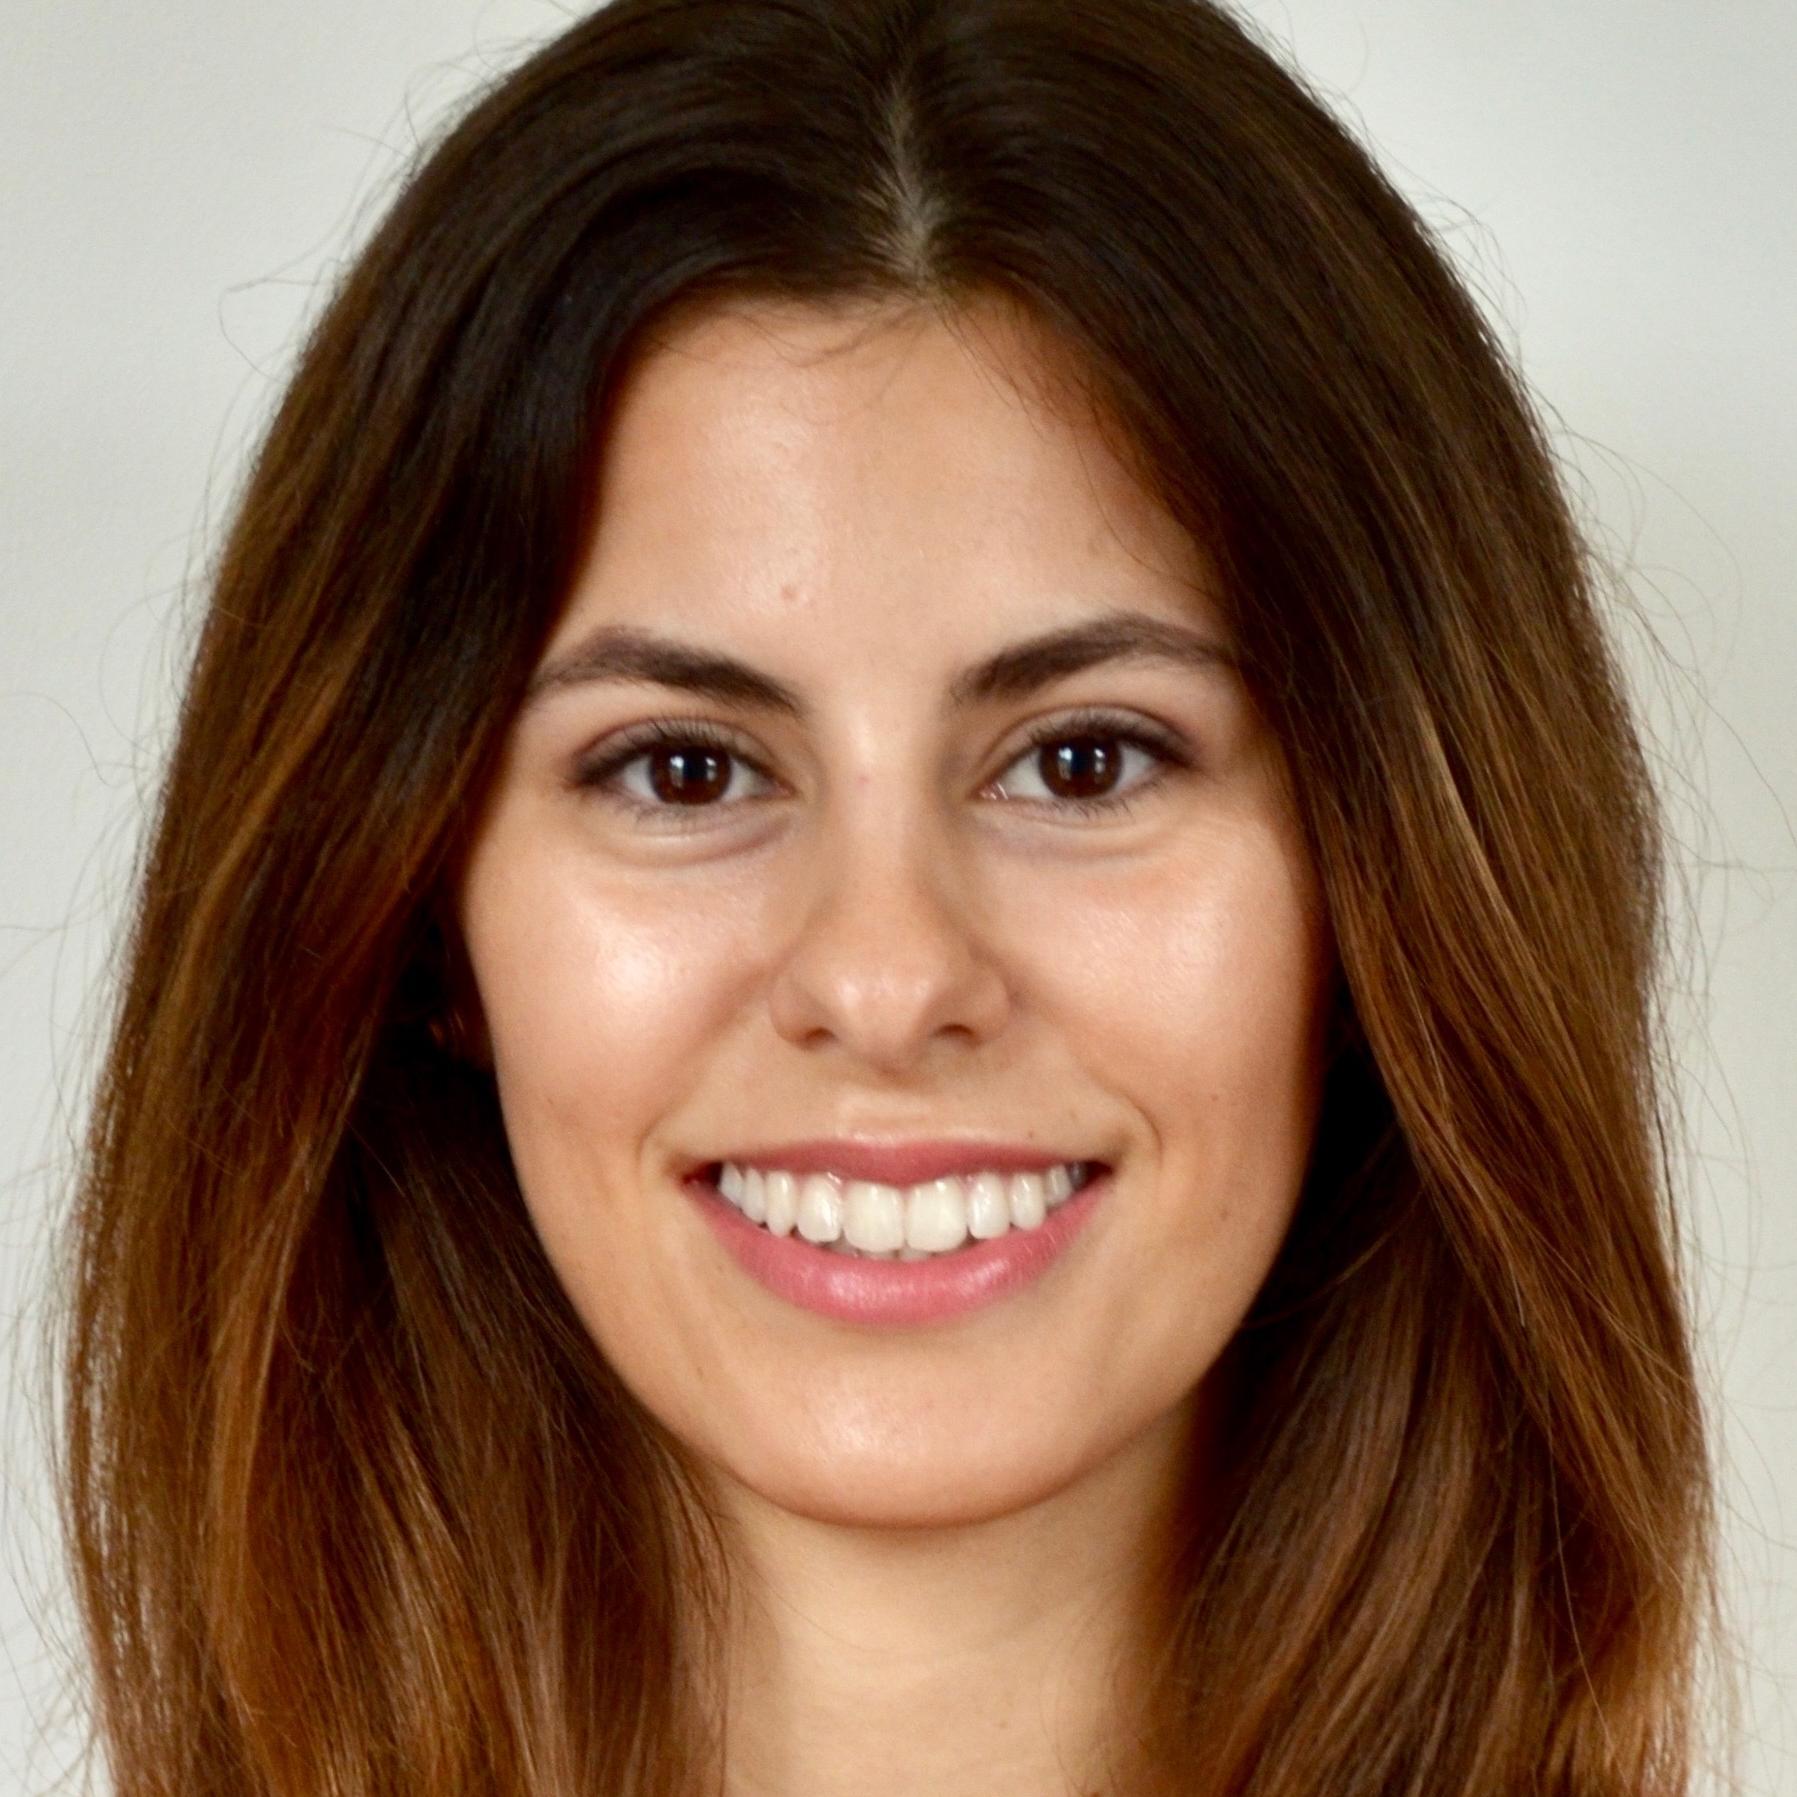 Mariana Boneberger